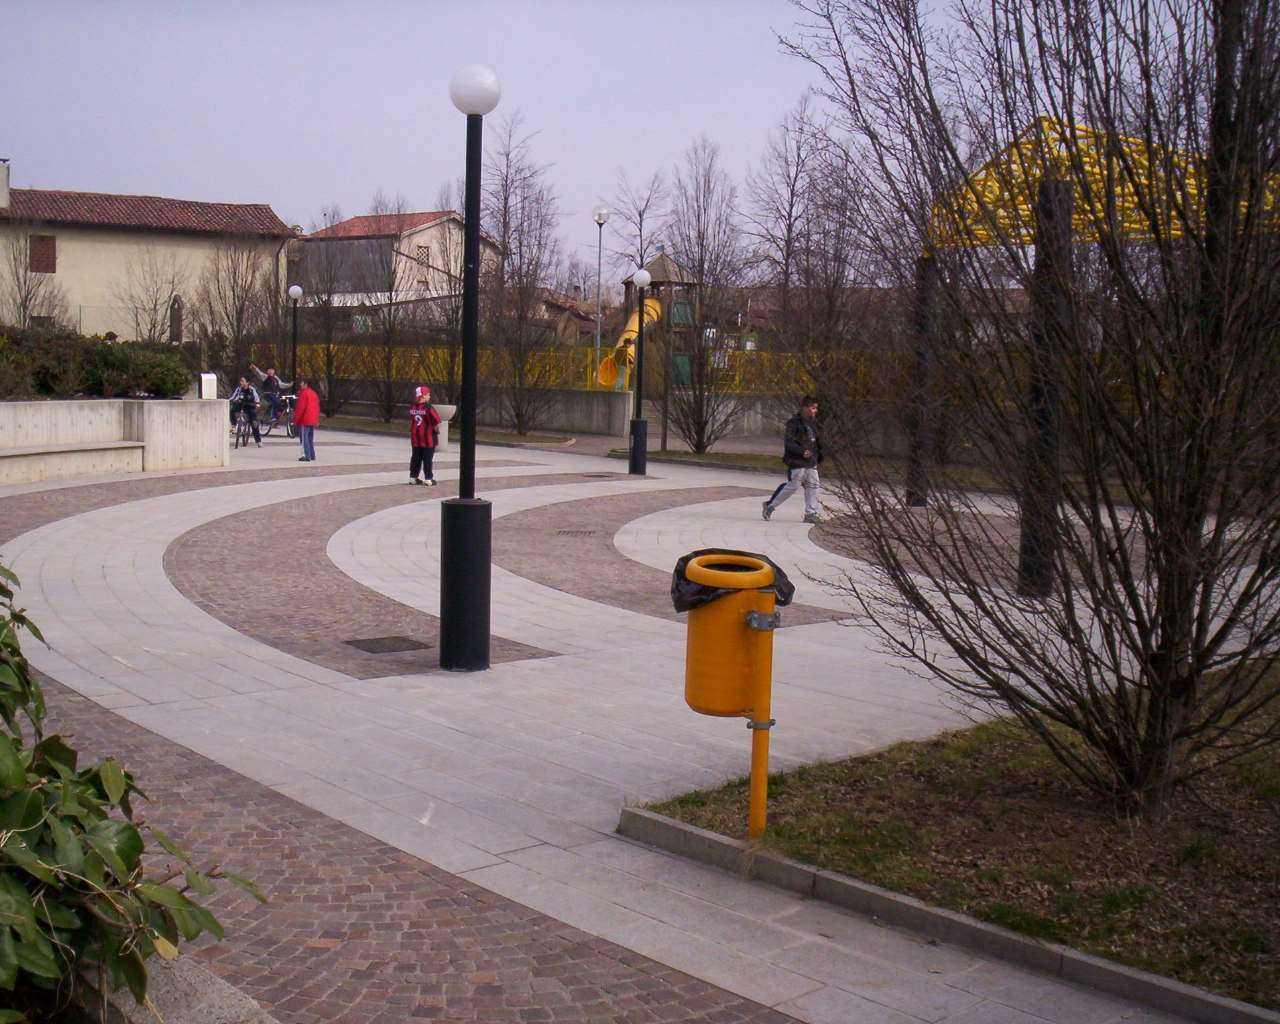 Piazza-Parco-Colloredo-di-Prato_008